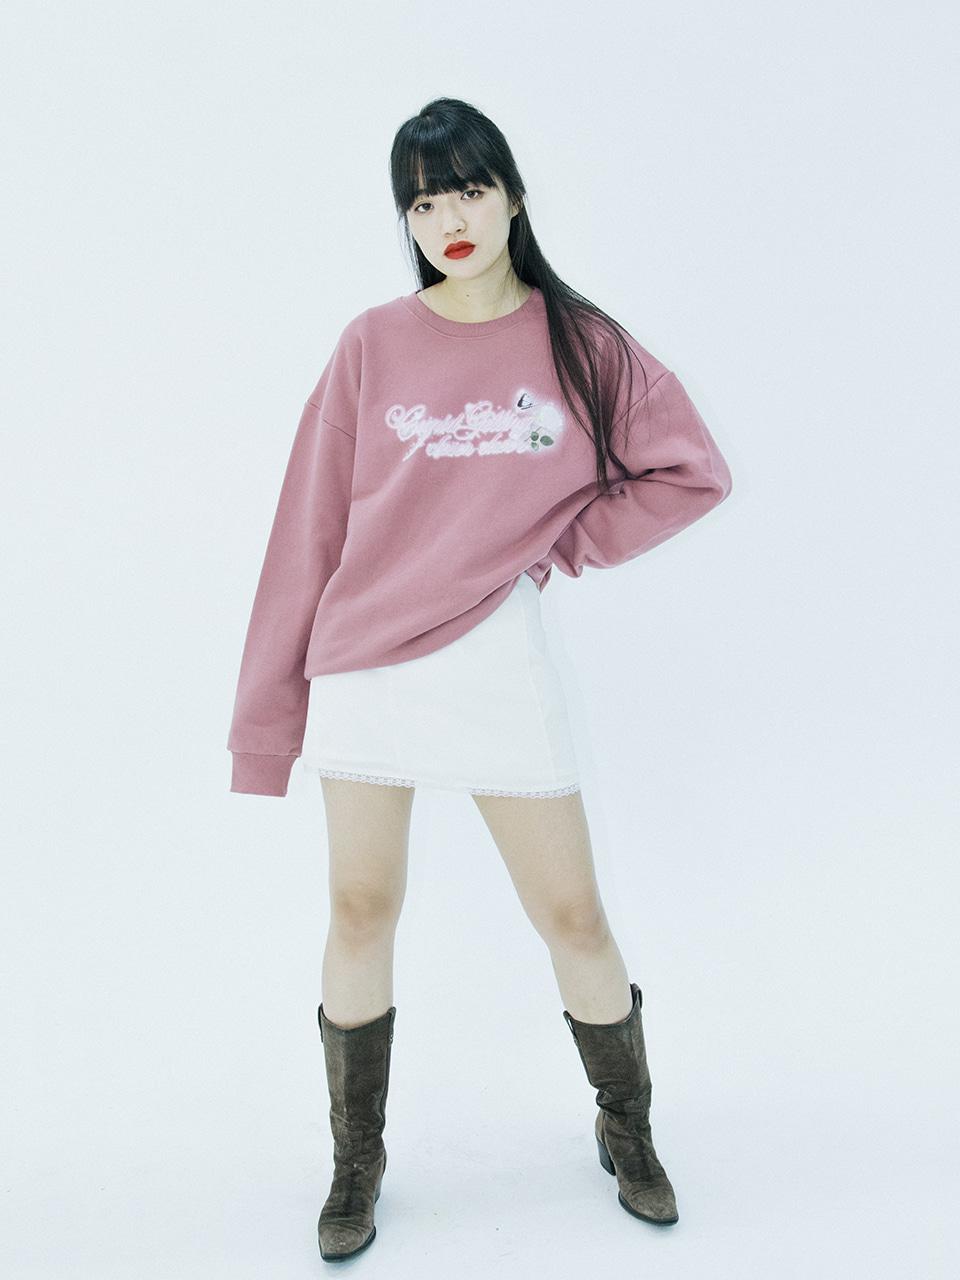 Cupid sweatshirts (pink)